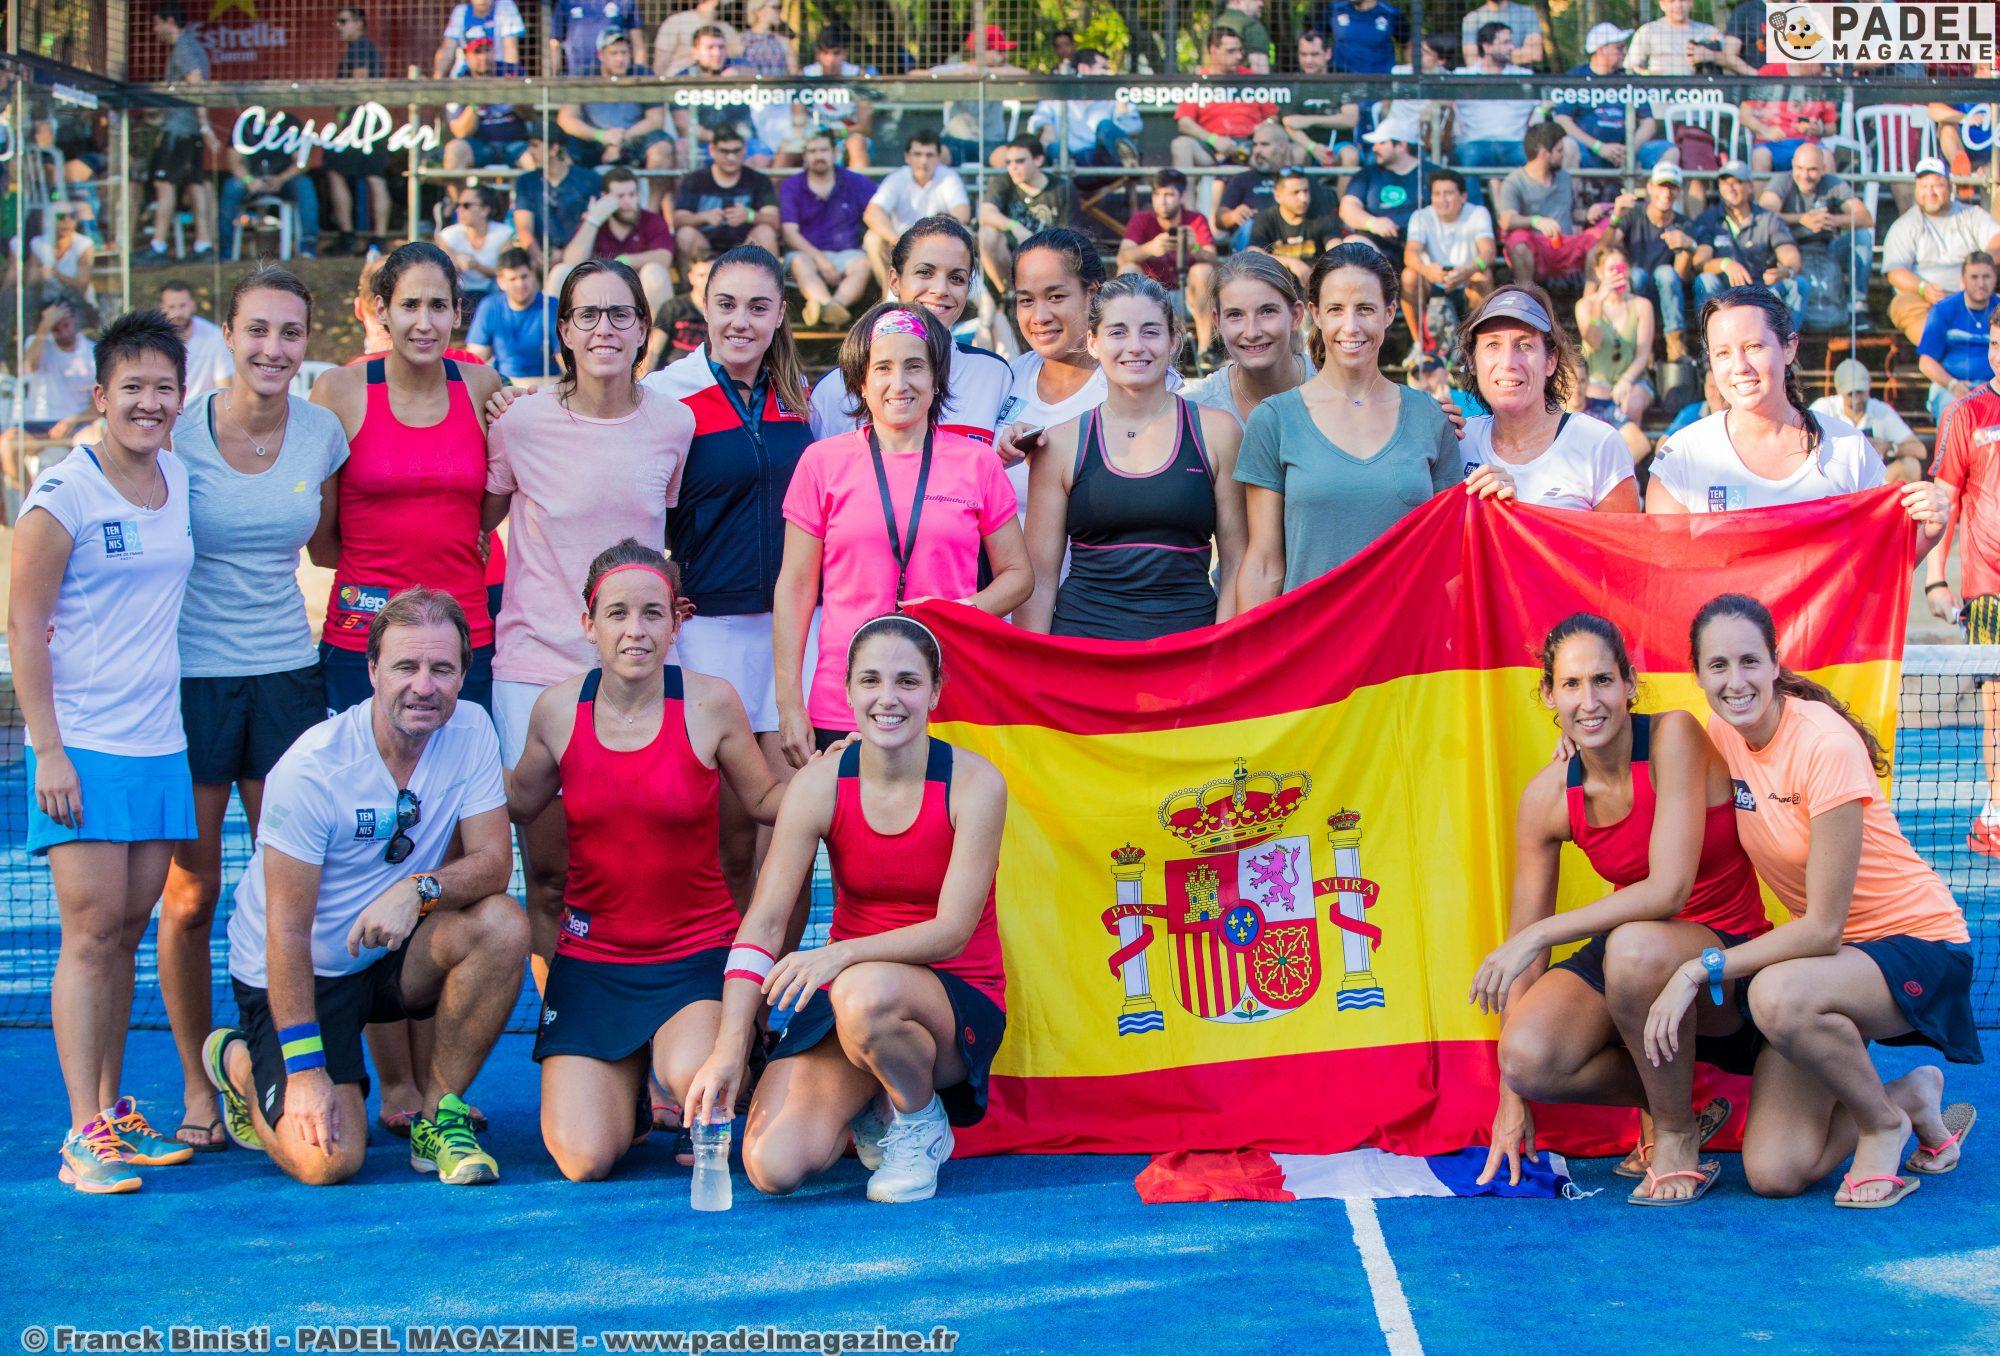 Les espagnols iront à Lisbonne pour la Coupe d'Europe